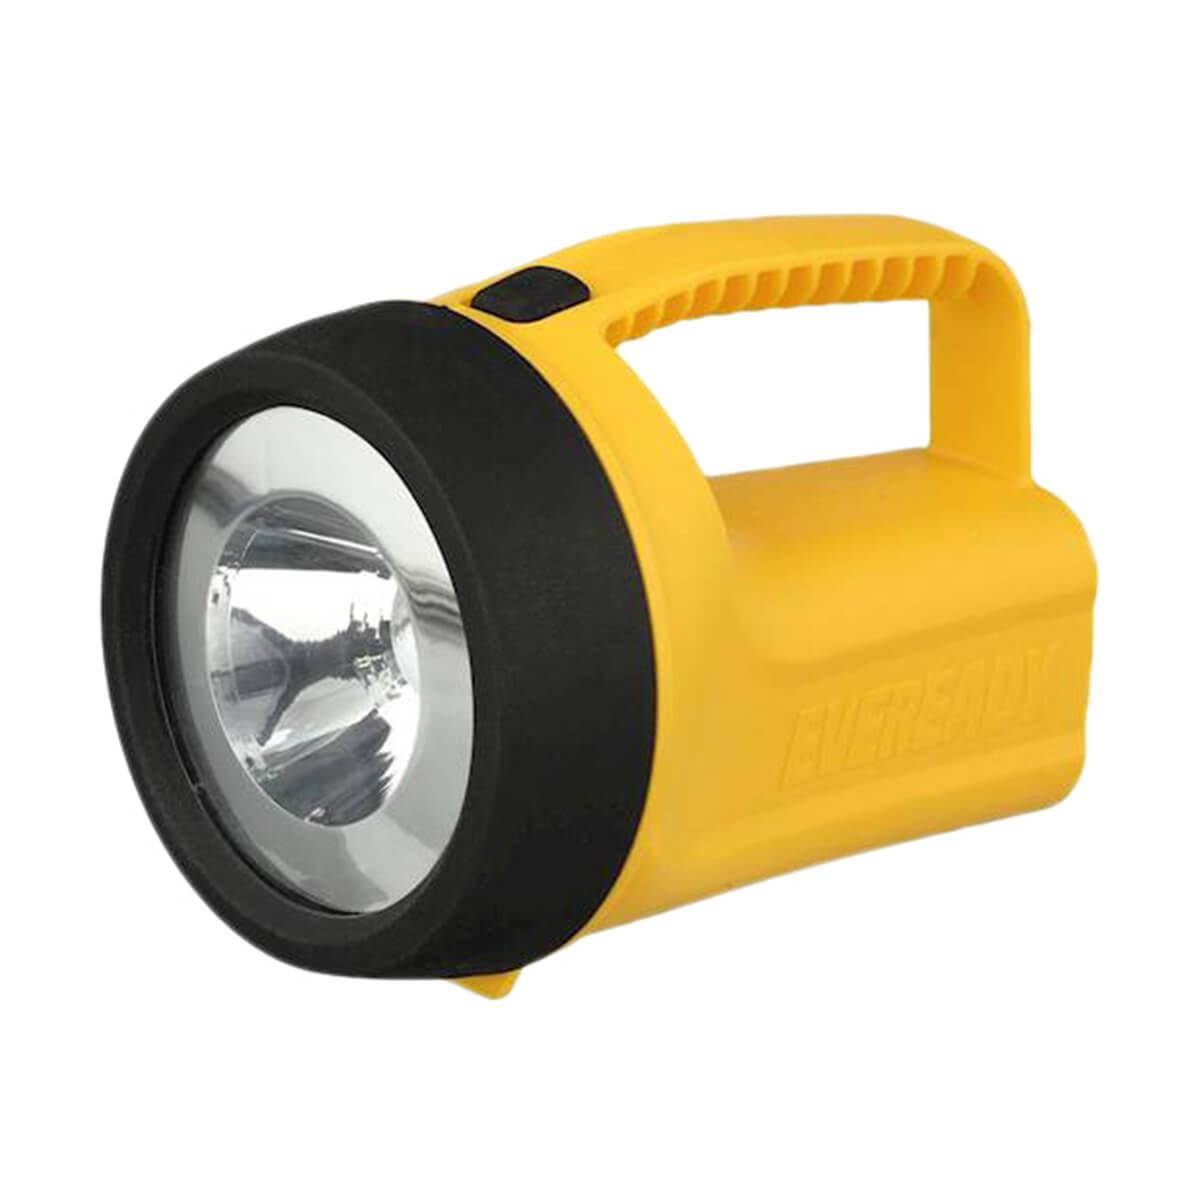 Lantern - Energizer - Floating - 80 lu